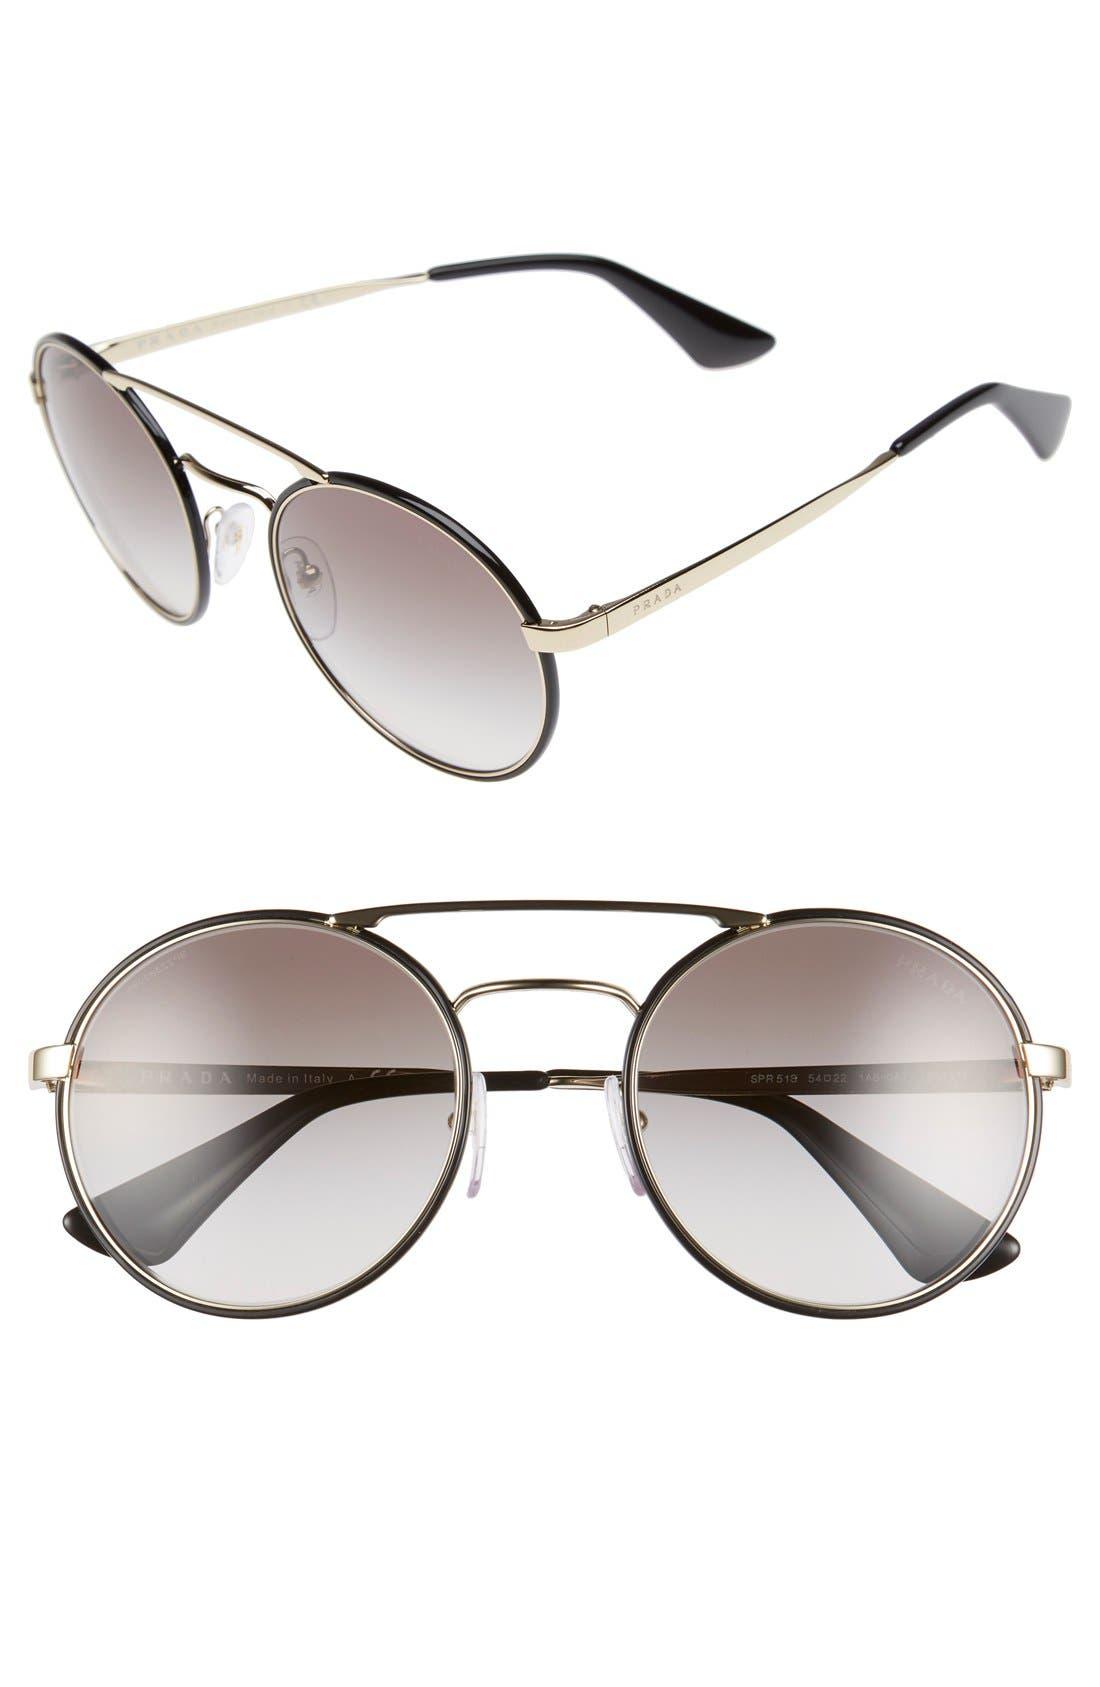 Main Image - Prada 'Cinemà' 54mm Round Sunglasses